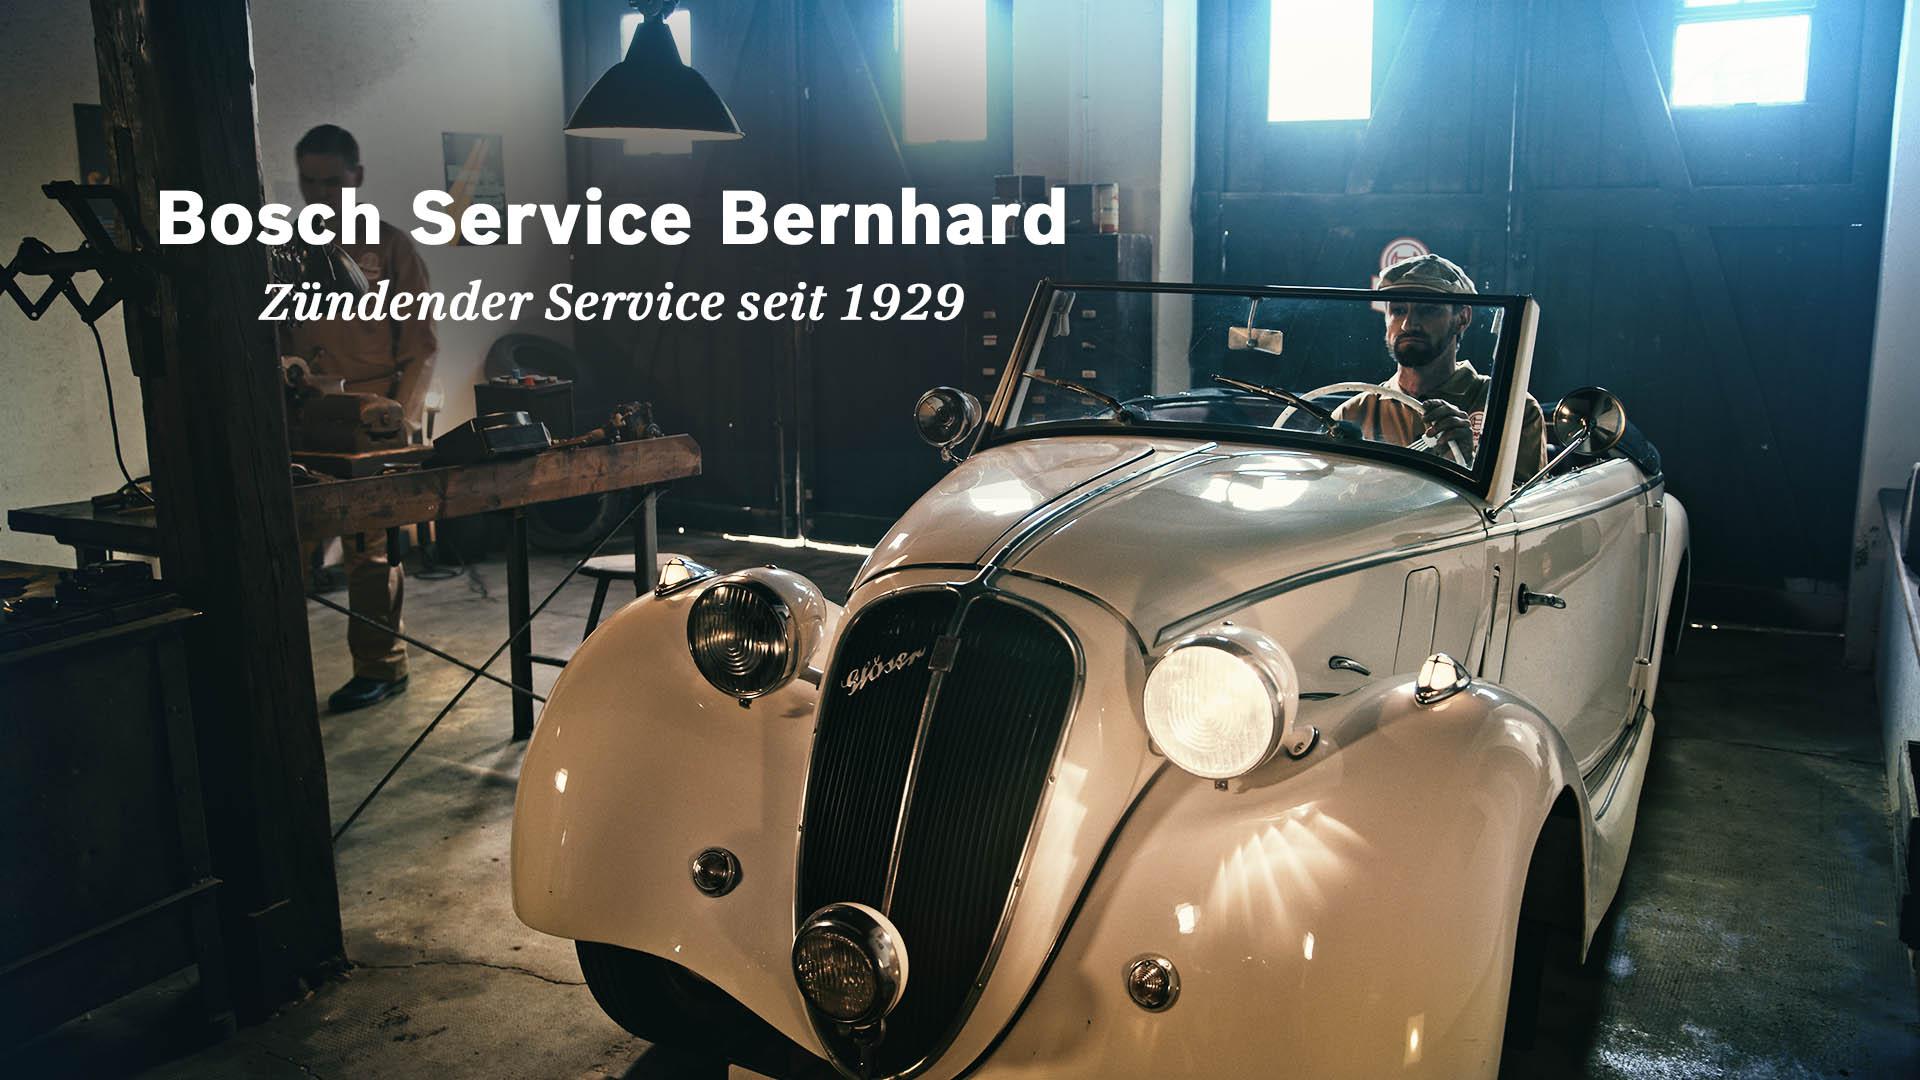 Firmenhistorie im Film inszeniert – Bosch Service Bernhard